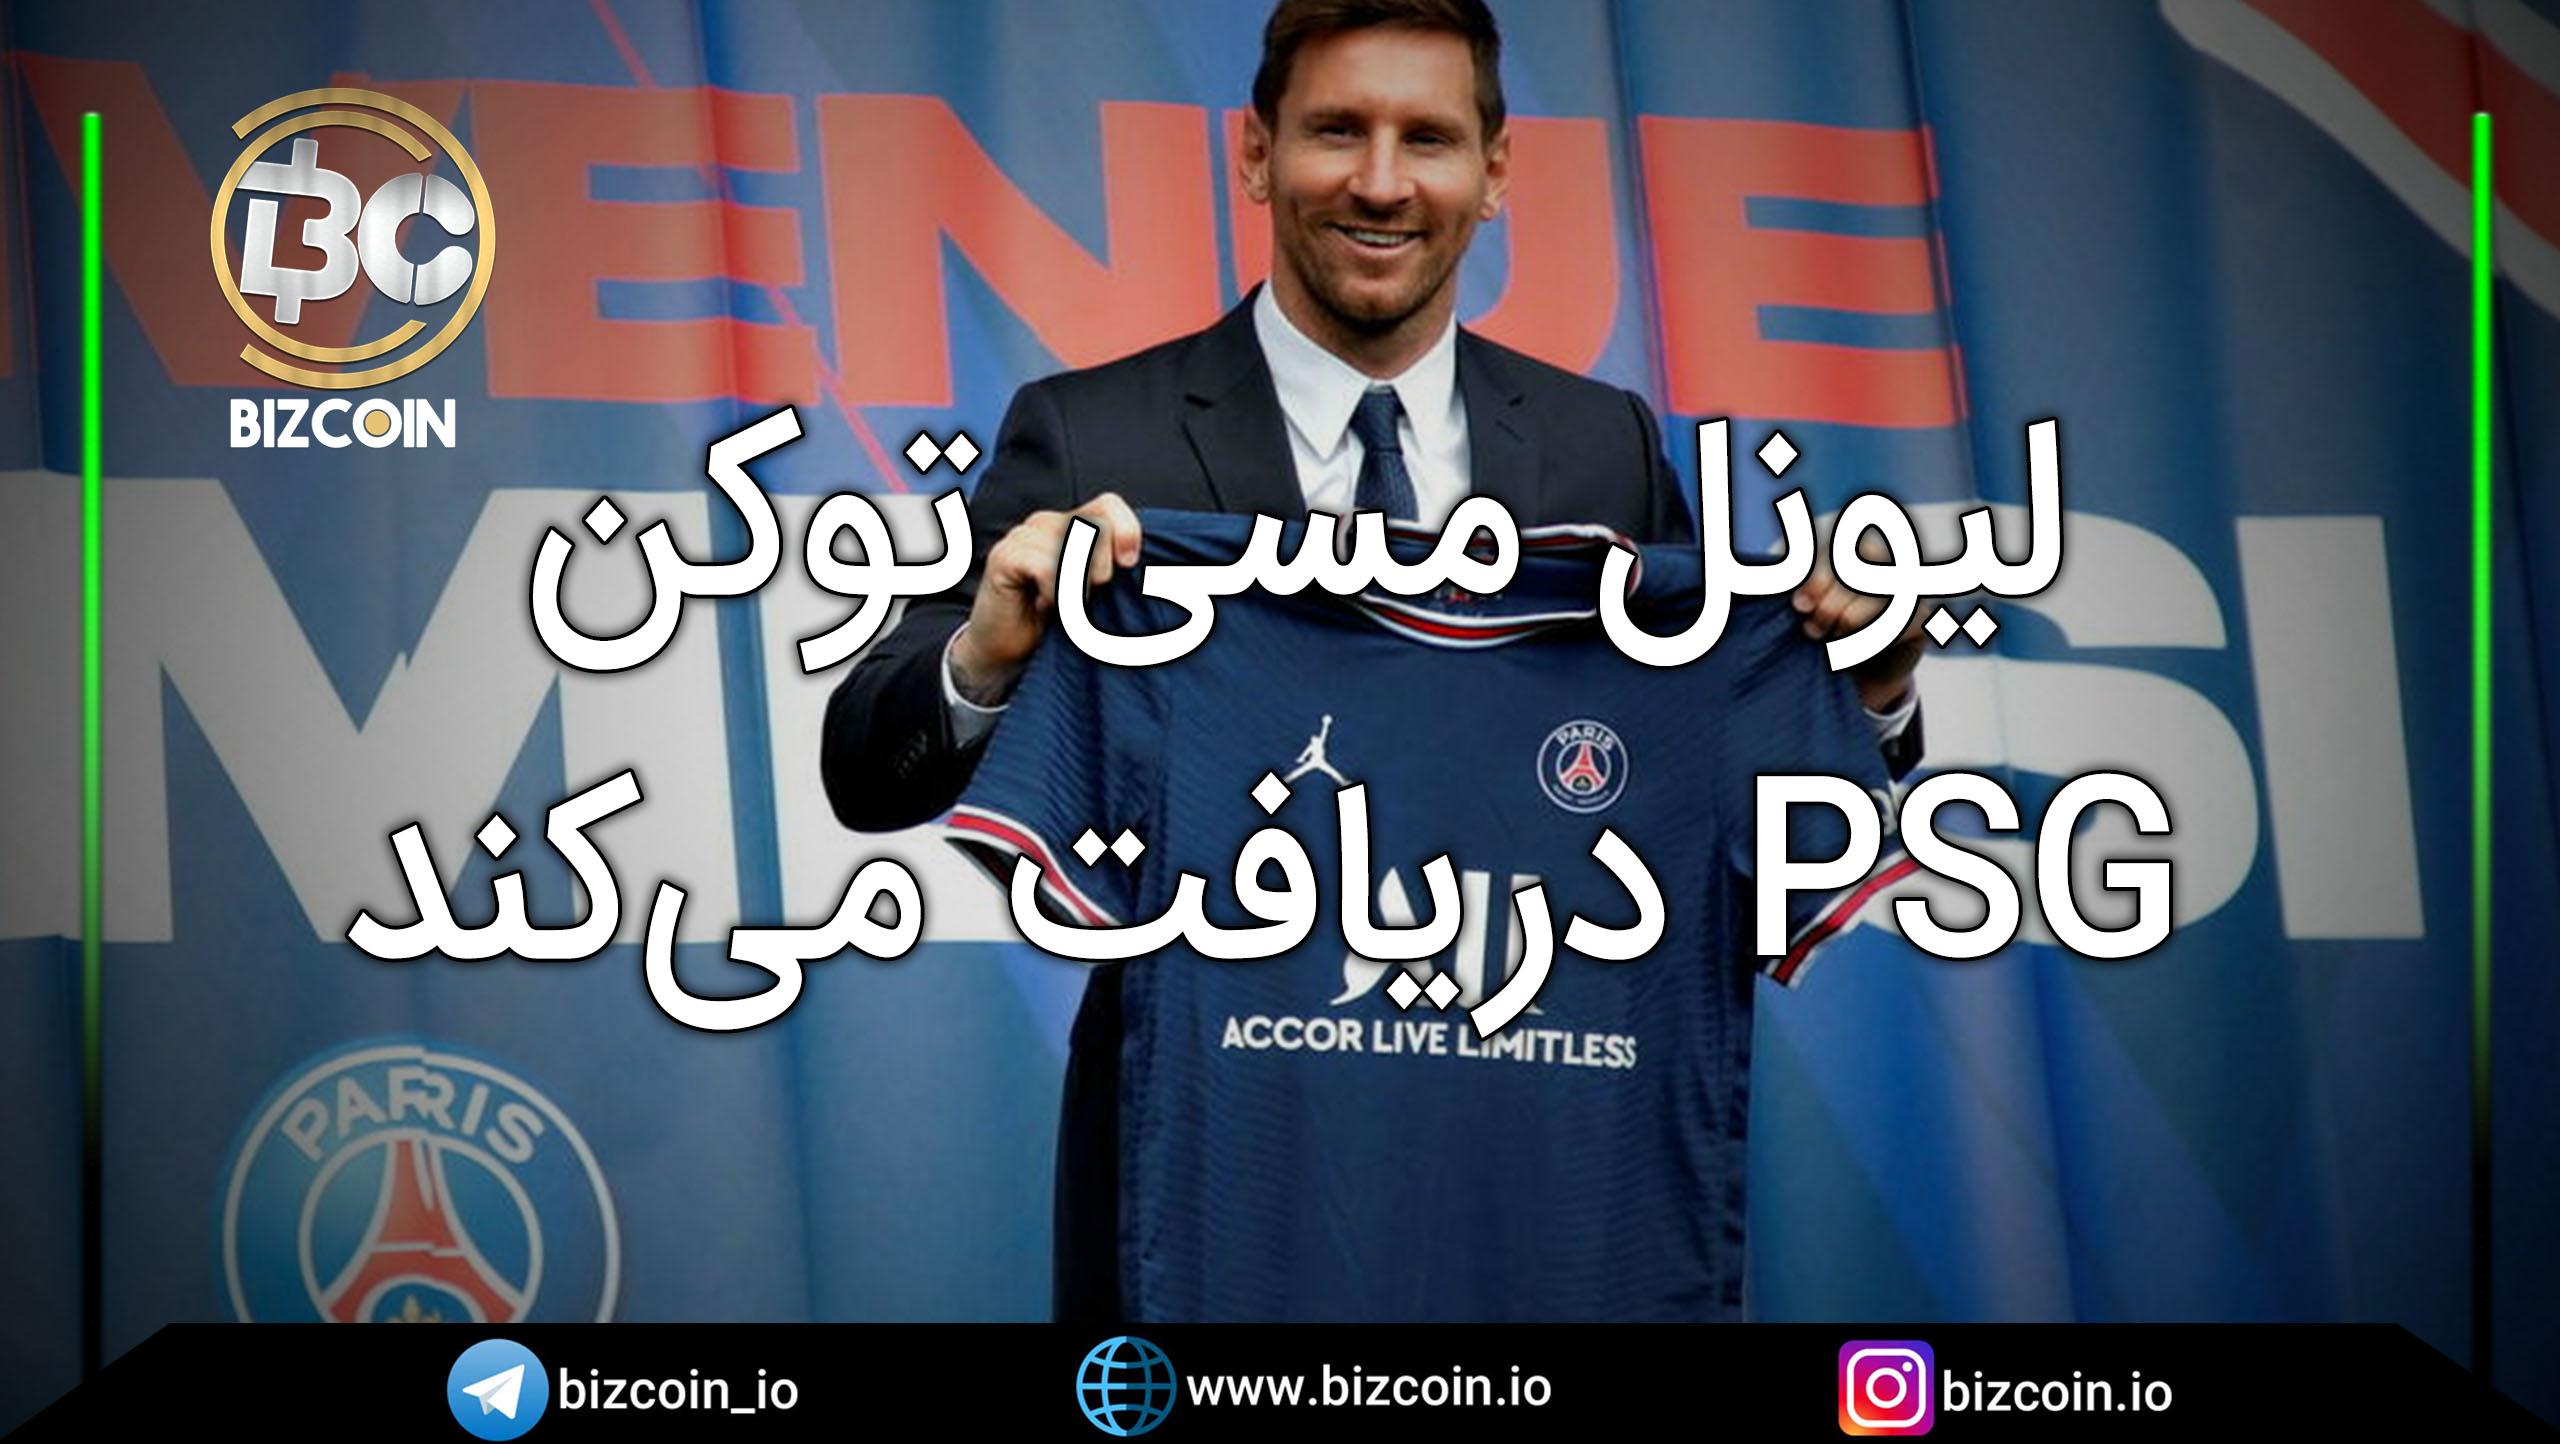 Lionel Messi receives PSG token لیونل مسی توکن PSG دریافت میکند